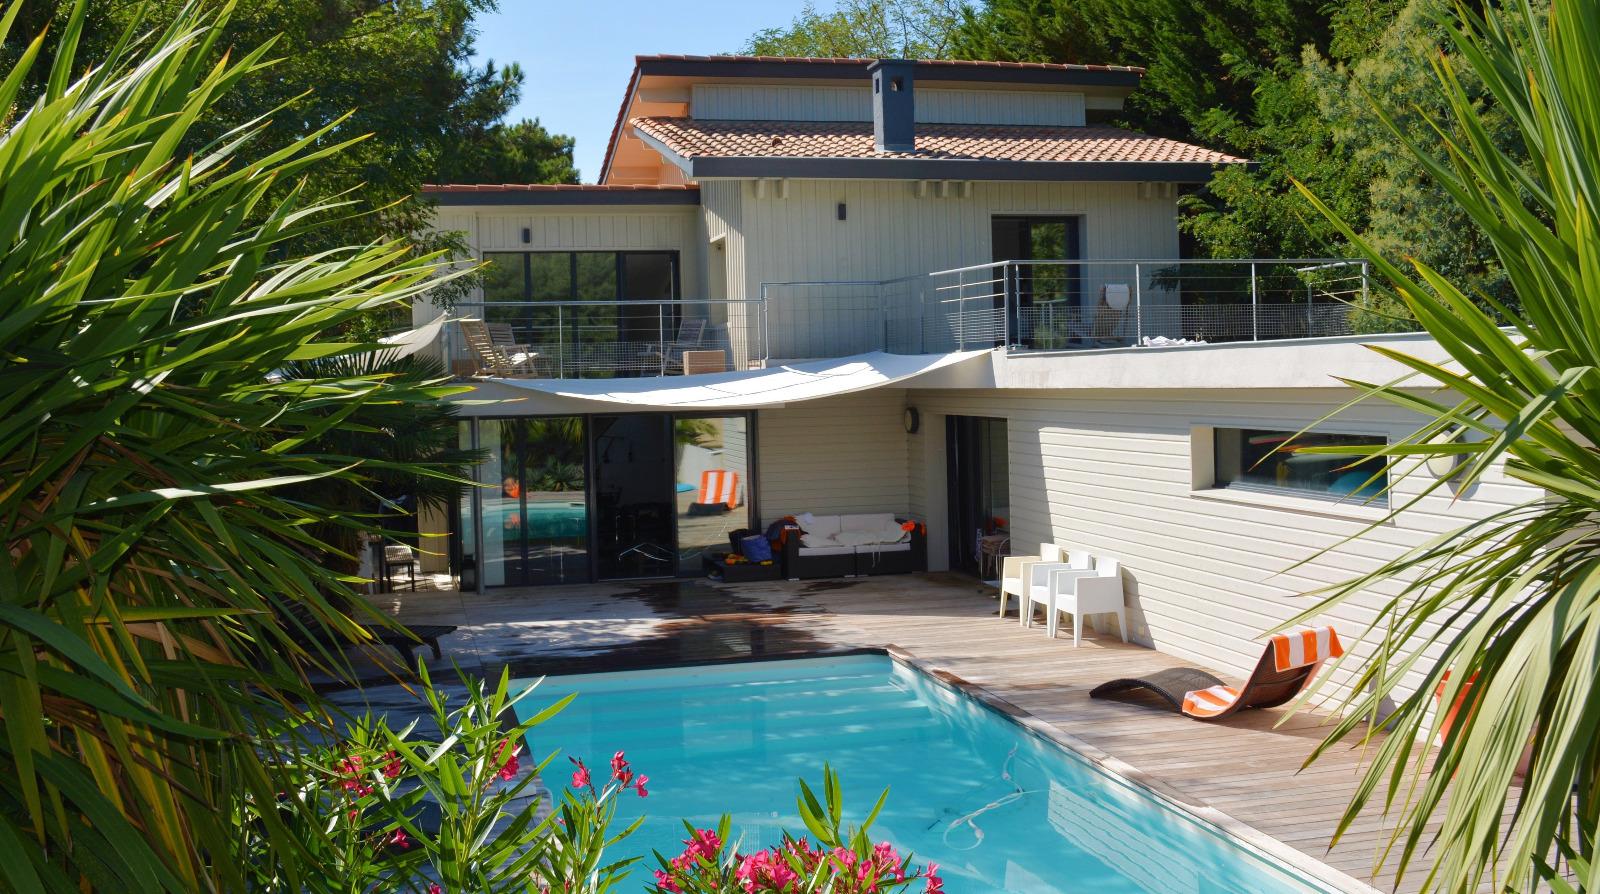 Cap ferret au port de la vigne villa bard e de bois avec for Maison a louer cap ferret avec piscine